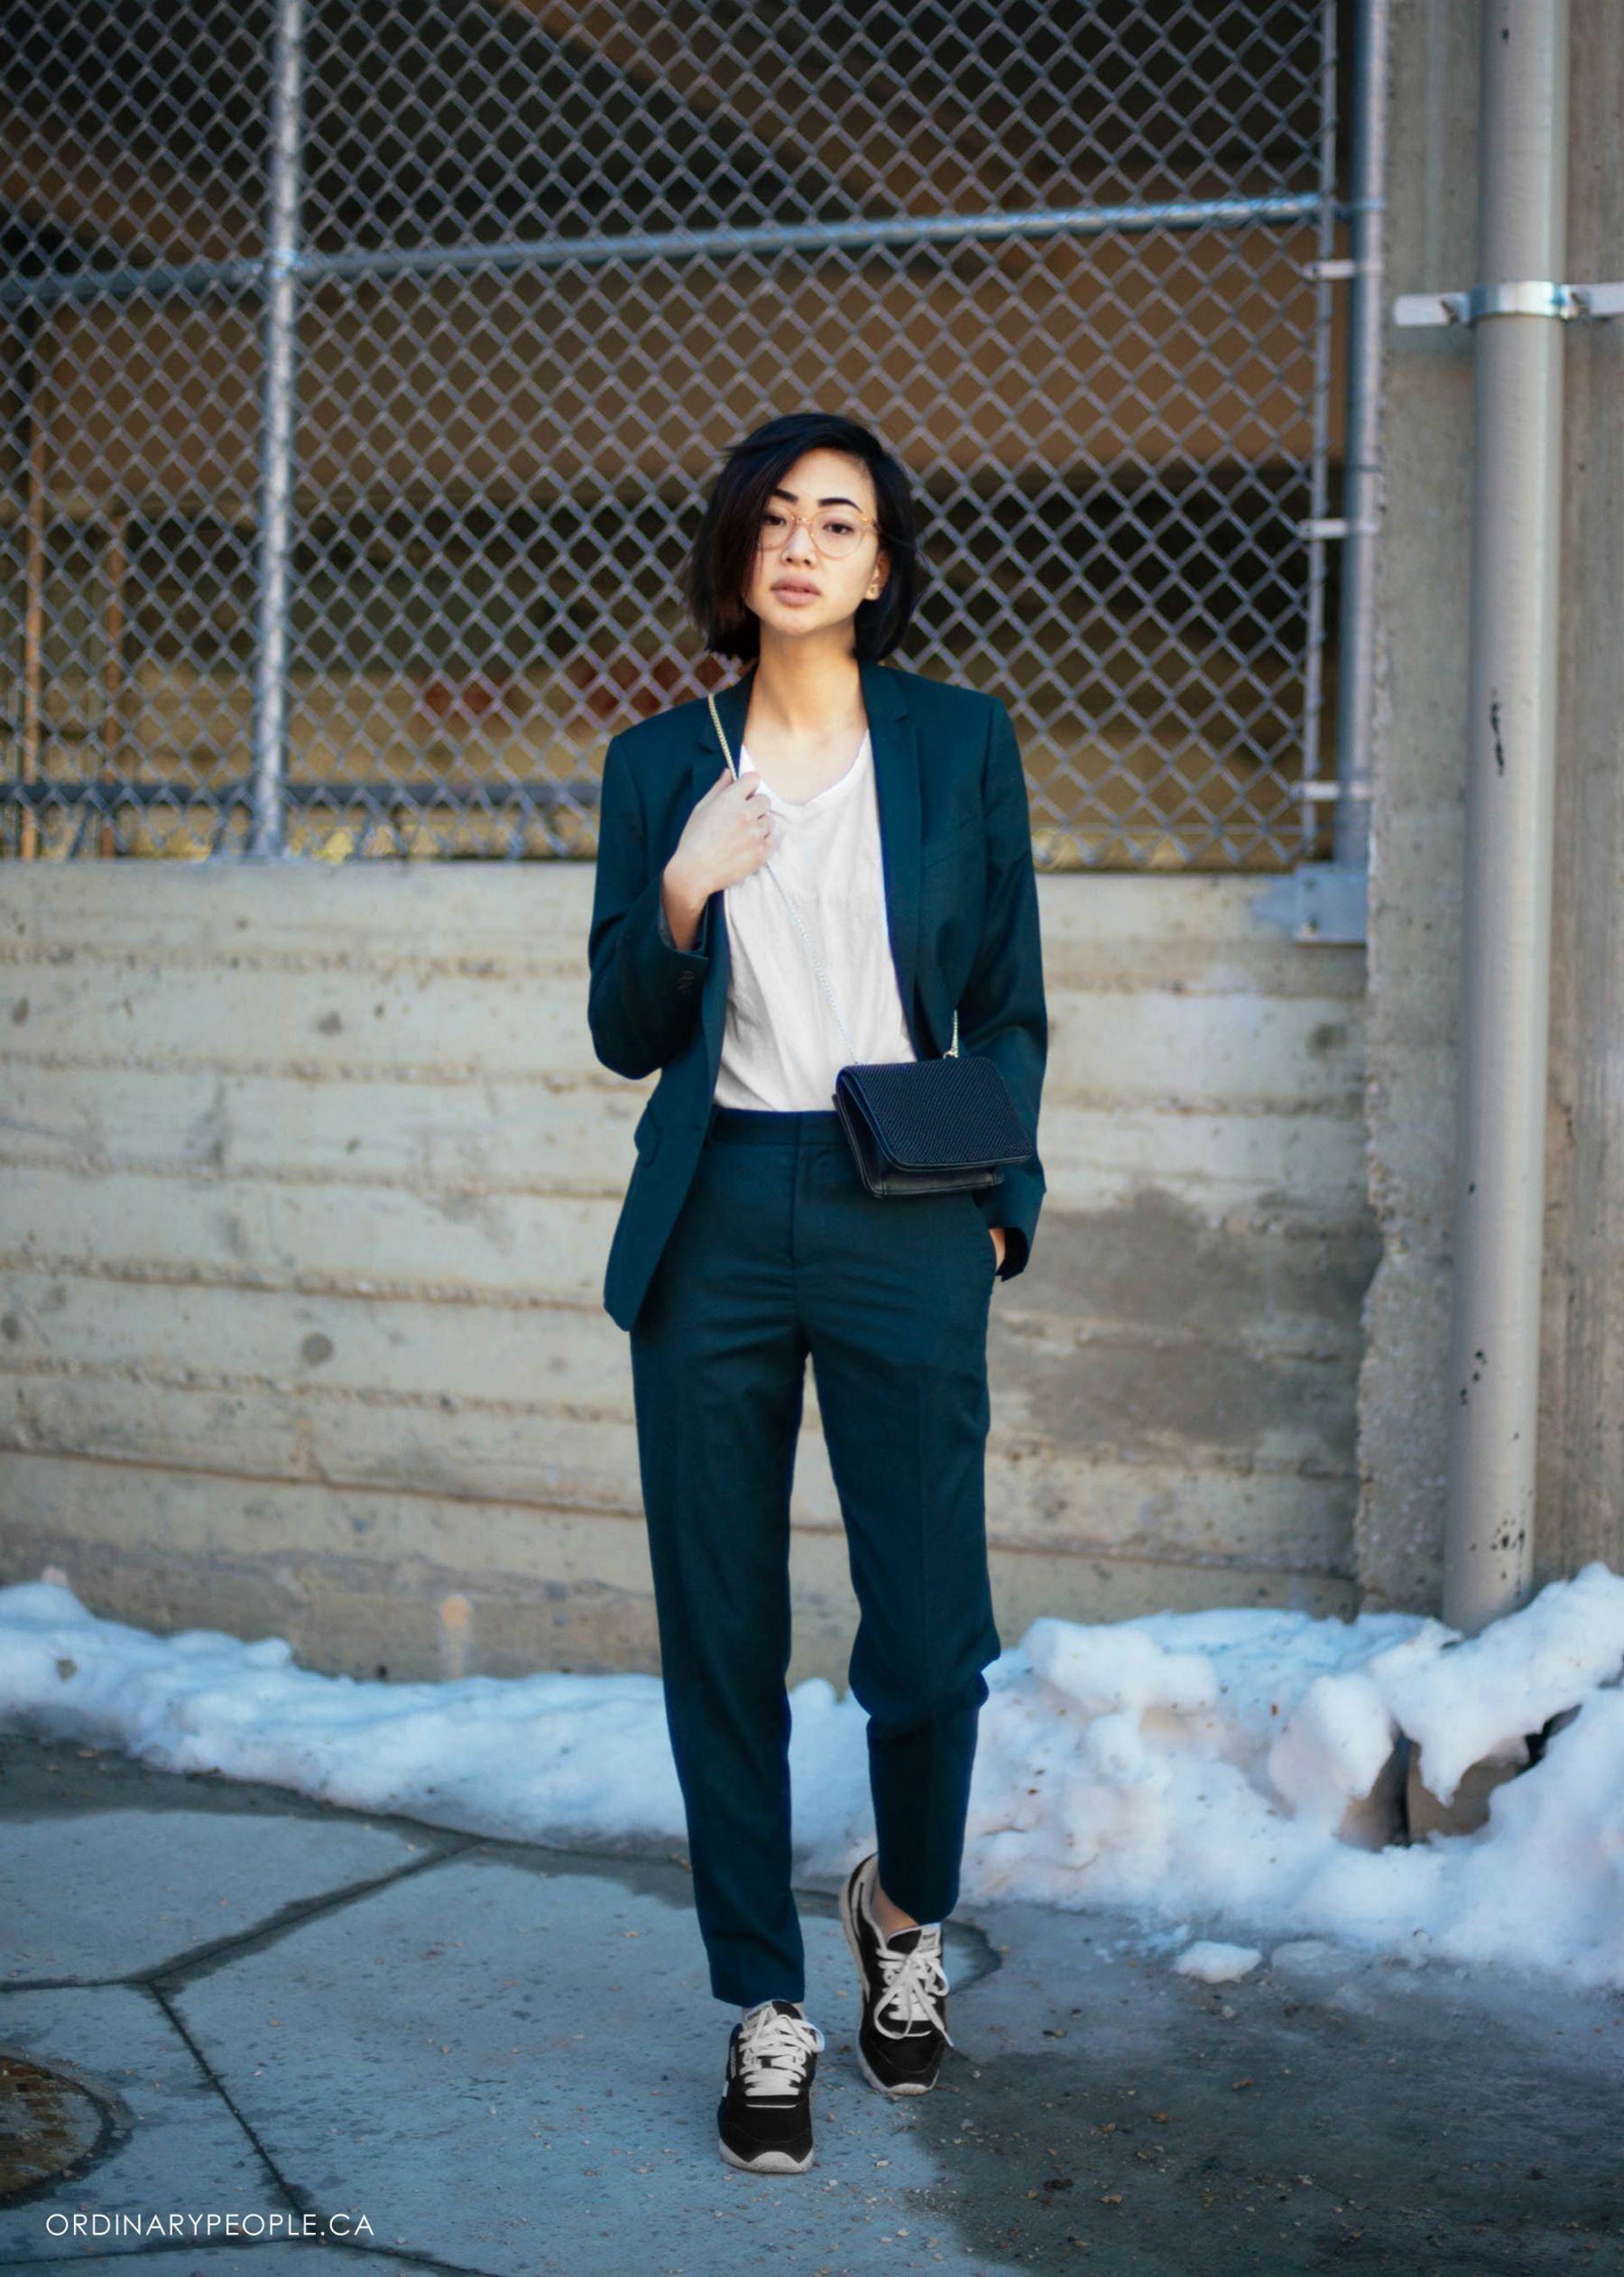 Femme Lunette Tailleur Pantalon Pour À XiuZOPk